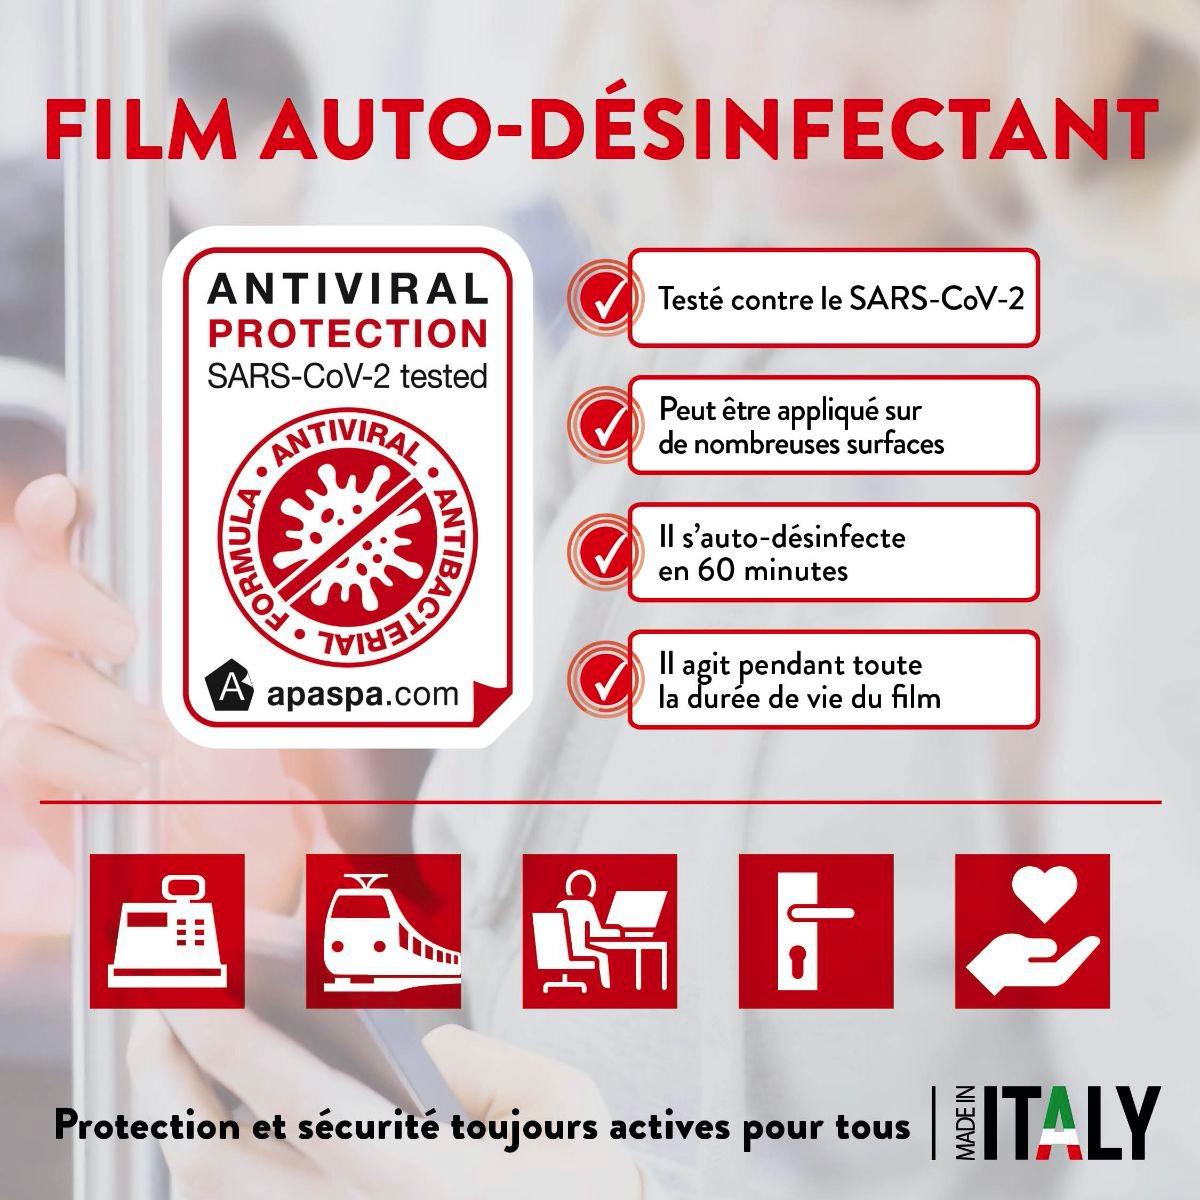 Film Auto-désinfectant